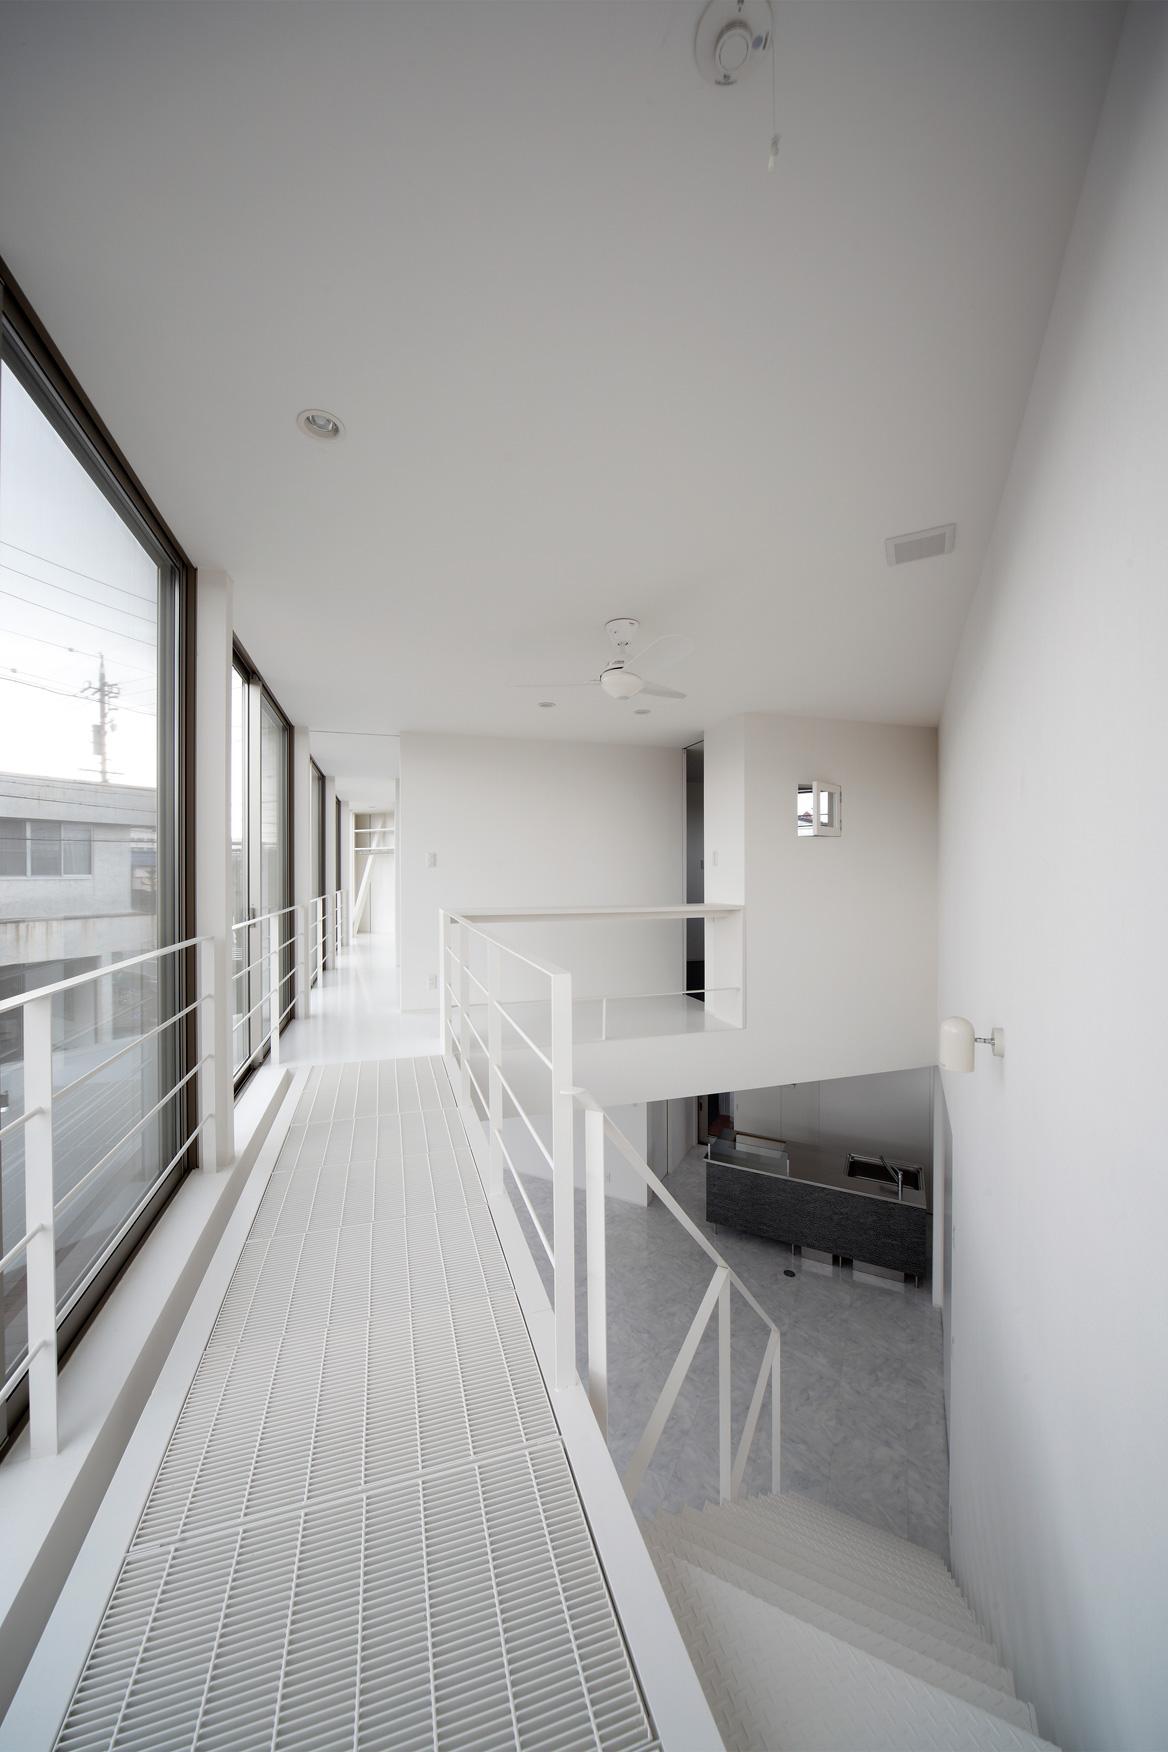 三角プランの家~斜め線で室内と室外に分かれる家~の部屋 2階廊下(撮影:加斗タカオ)